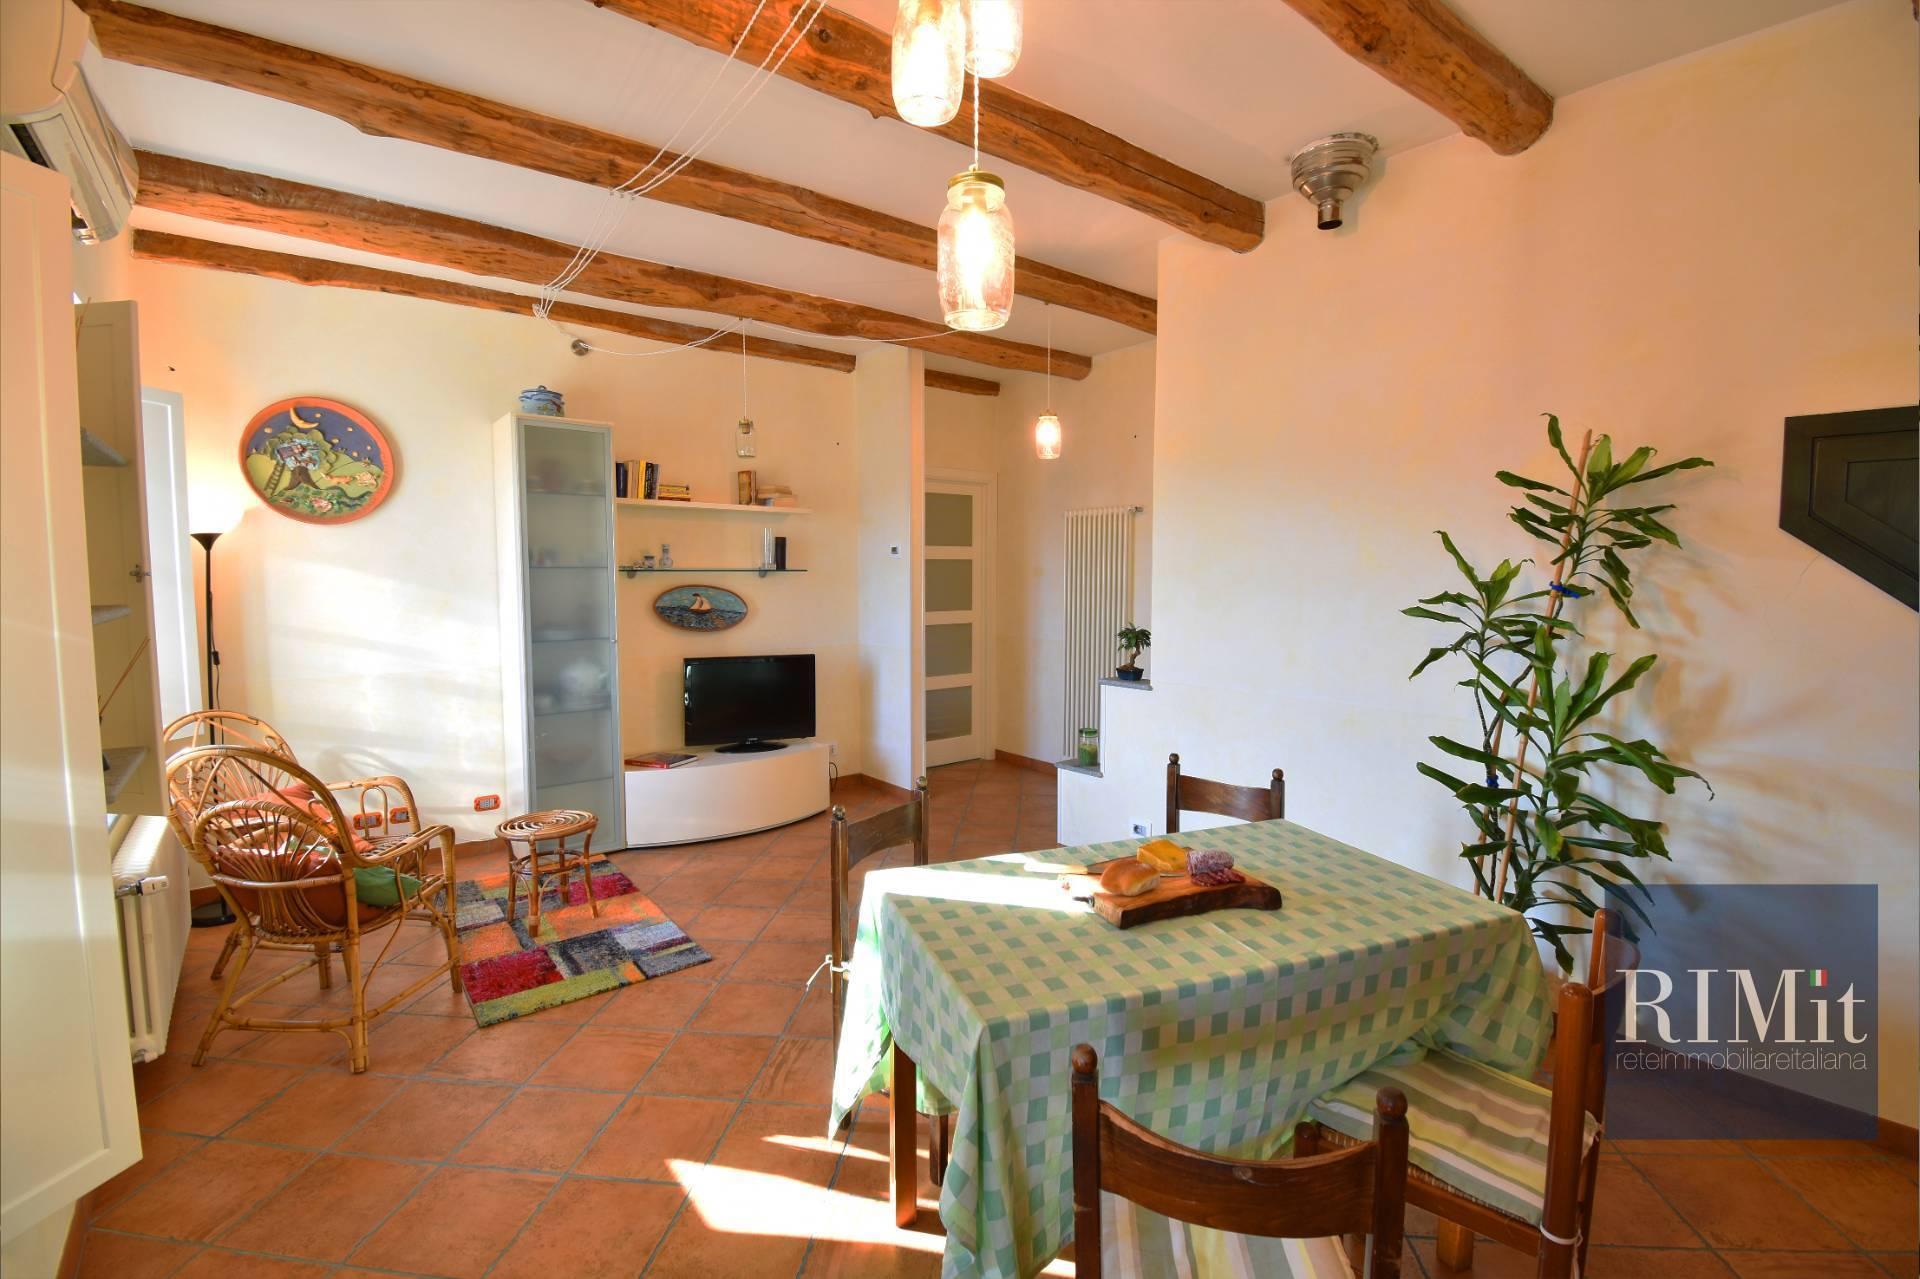 Appartamento in affitto a Stella, 3 locali, zona Località: SanMartino, prezzo € 400   PortaleAgenzieImmobiliari.it